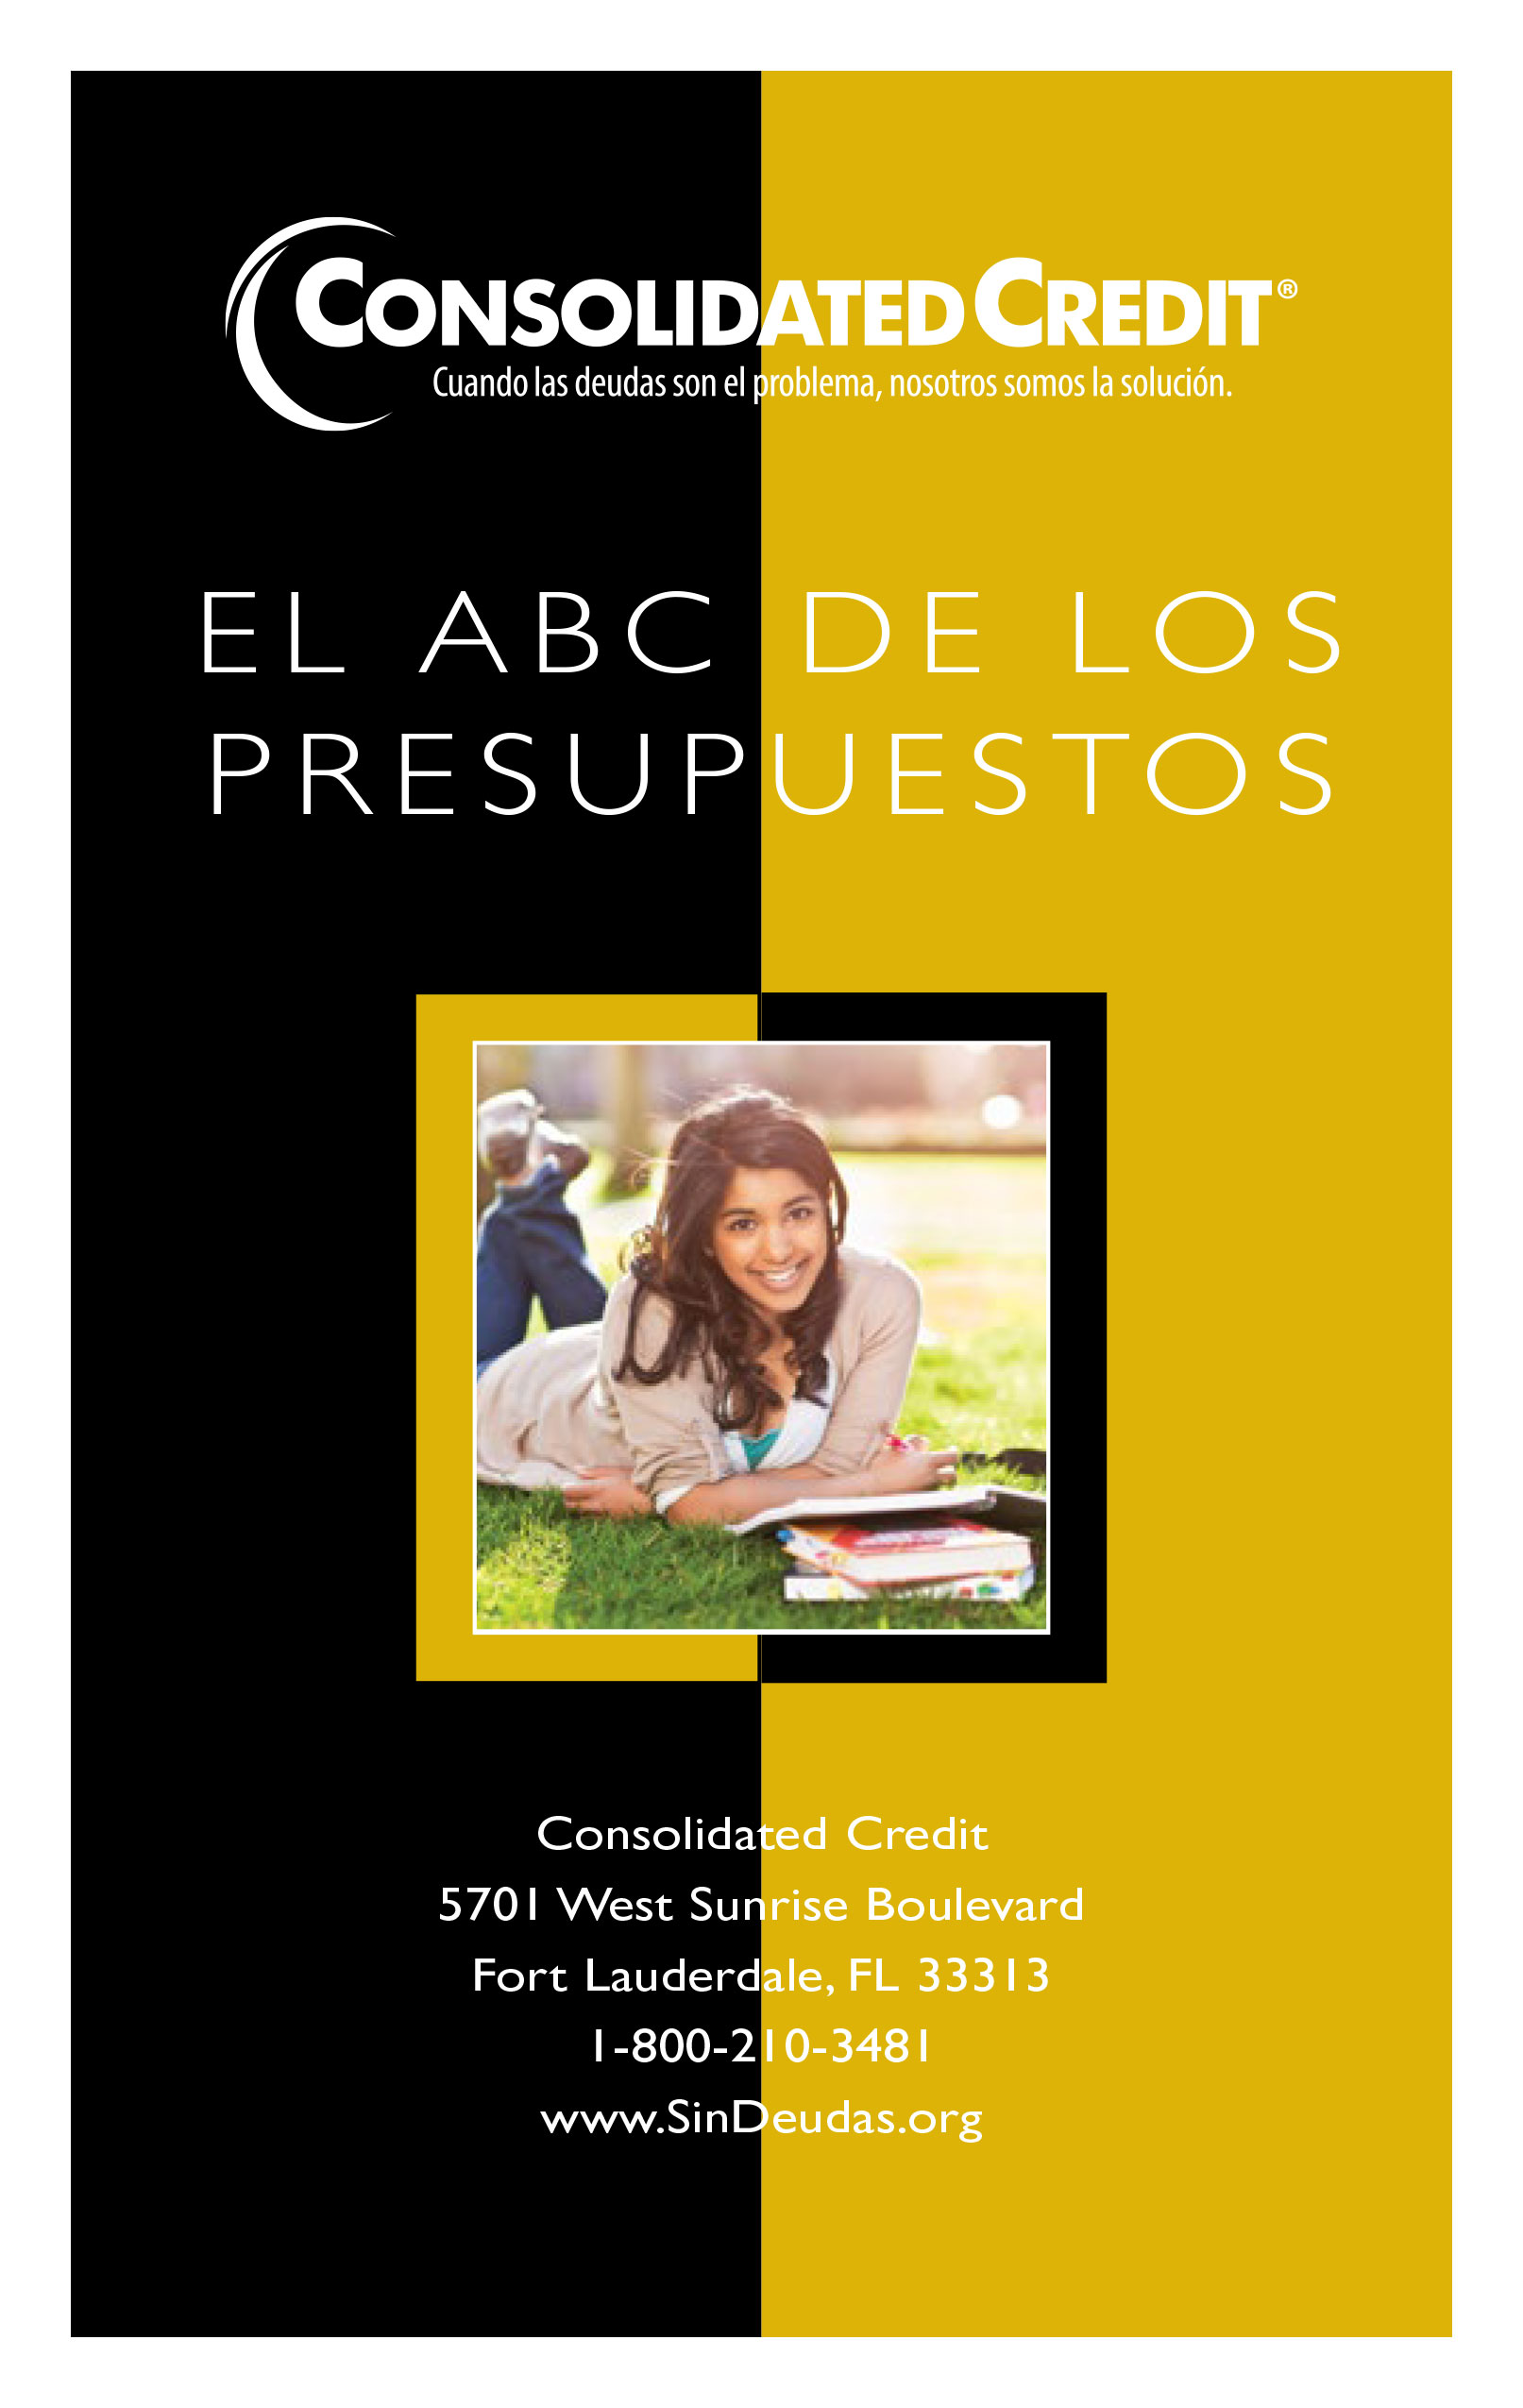 El ABC de los Presupuestos: Su guía financiera para concluir sus estudios con éxito.